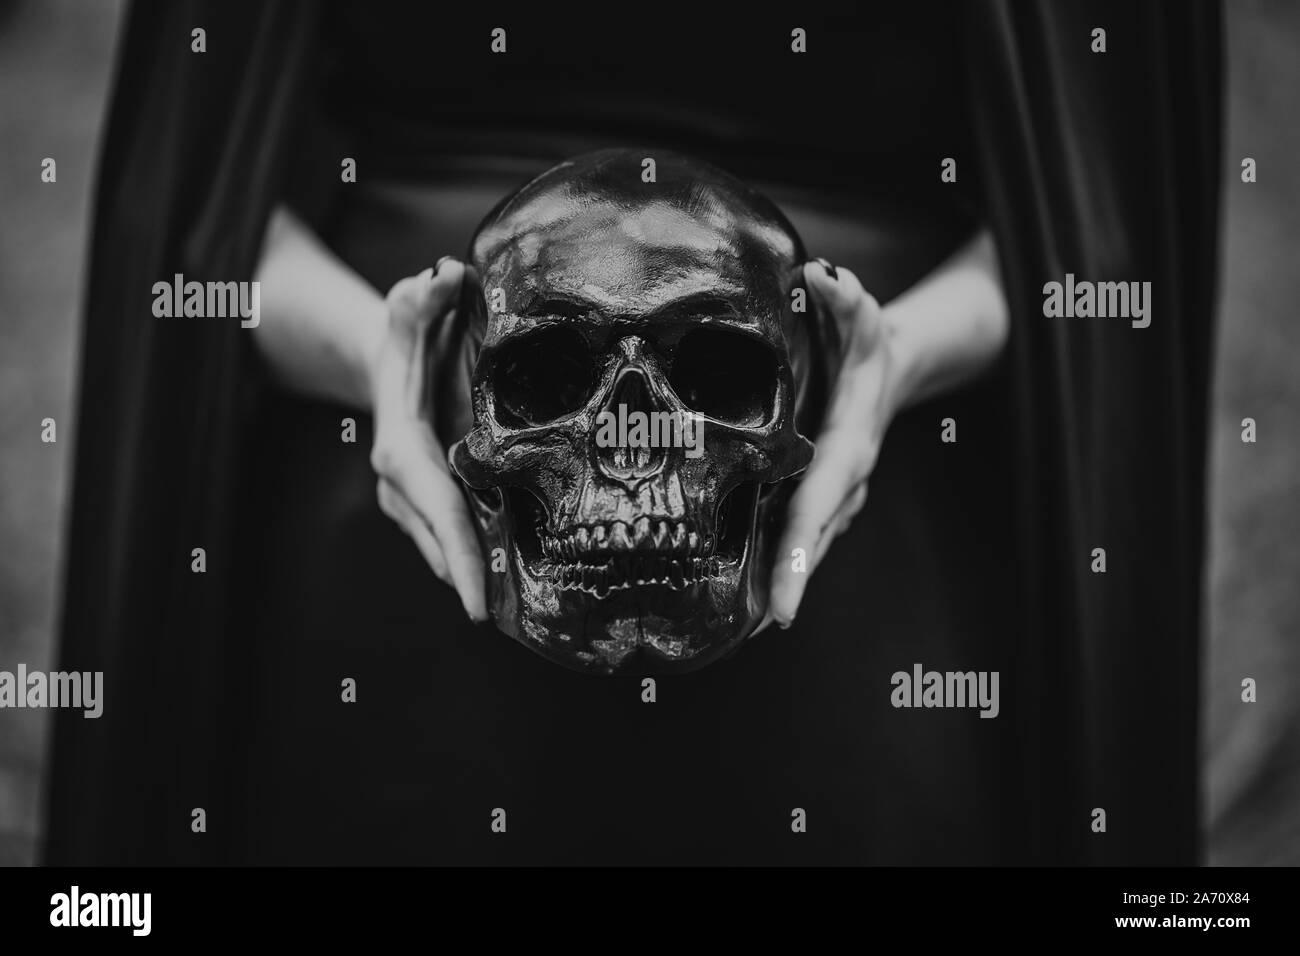 Mujer sostiene el cráneo en manos.la muerte, ritos espirituales concepto, Halloween, horror, miedo símbolo de muertos. Blanco y negro. Foto de stock